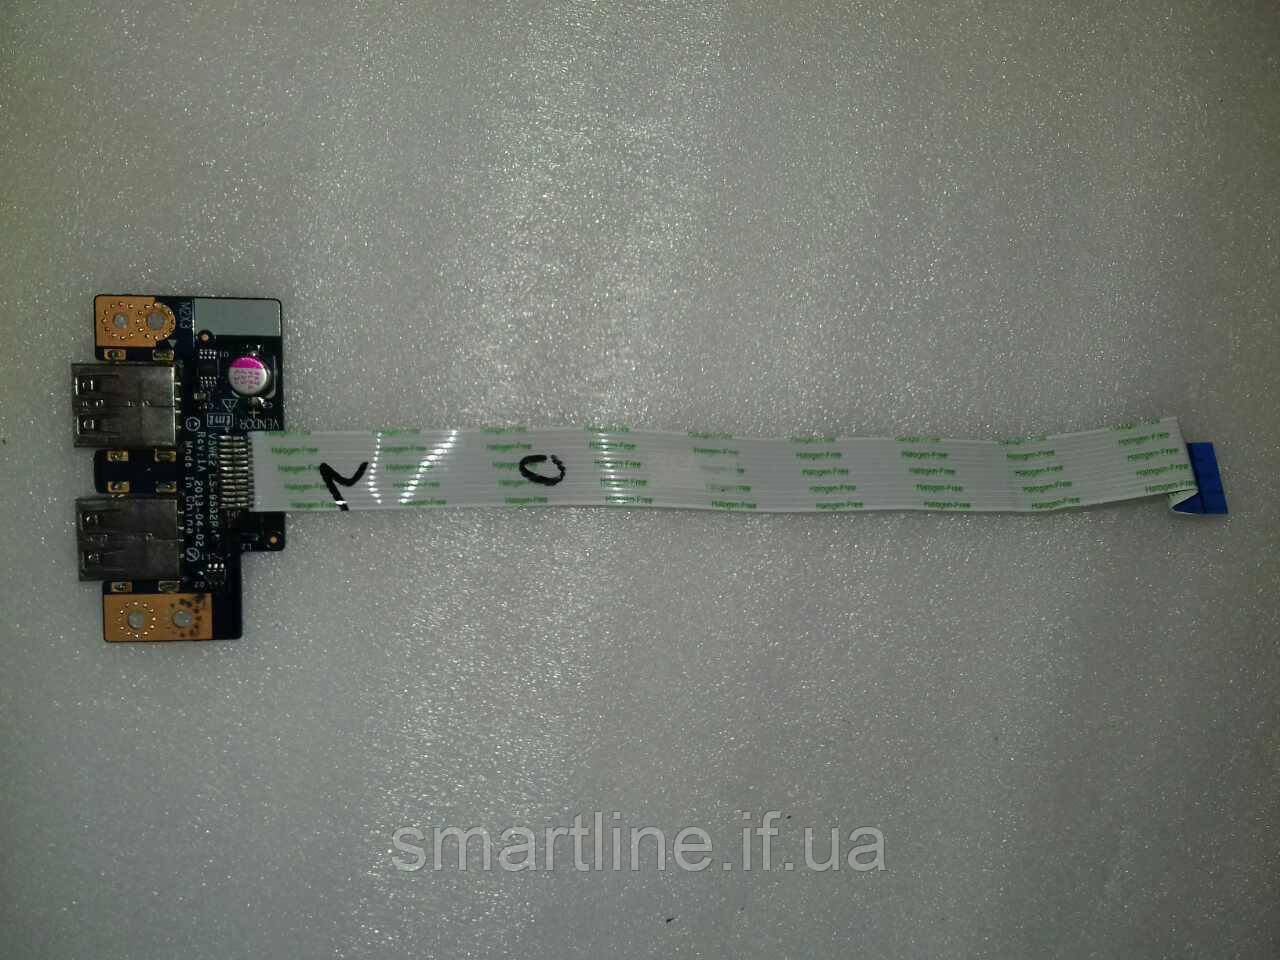 Плата USB ноутбука Packard Bell Z5WT3, Acer Aspire Е1 532, V5WE2, LS-9